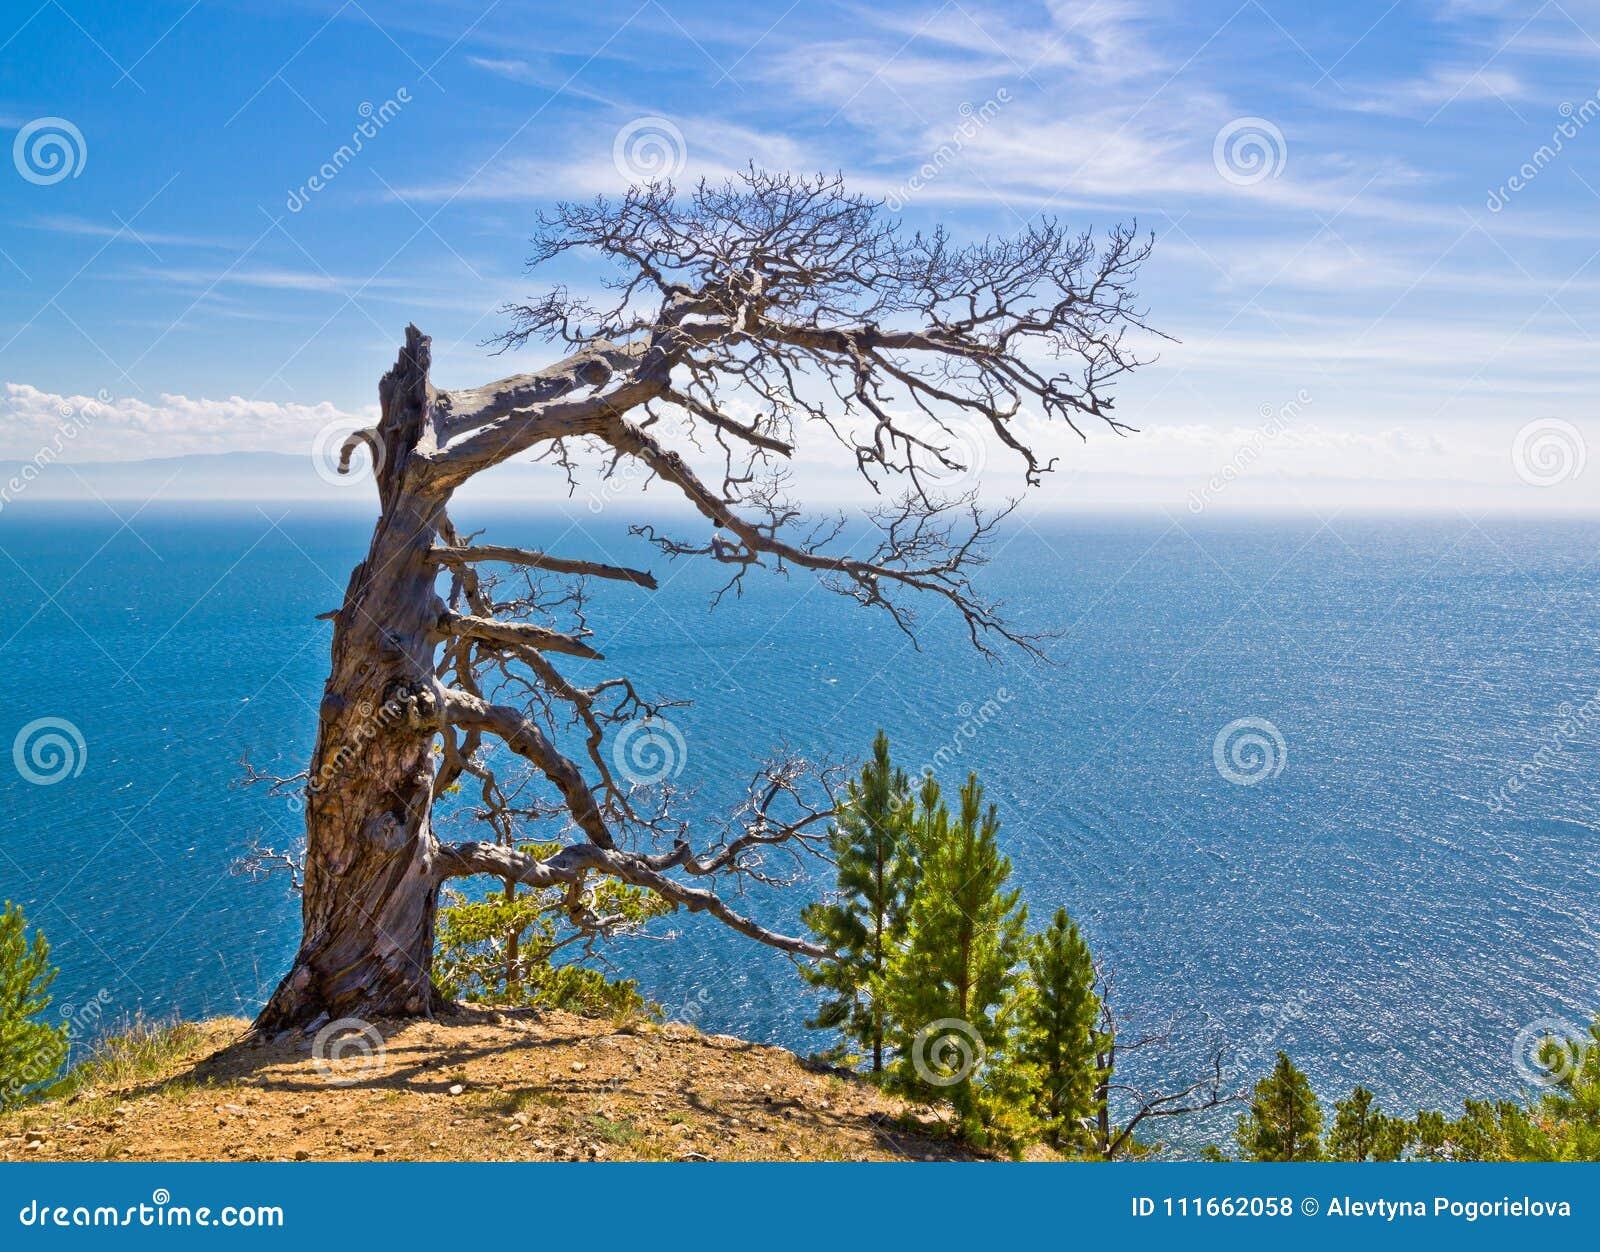 Osamotniony więdnący drzewo na górze nad morze pod niebieskim niebem